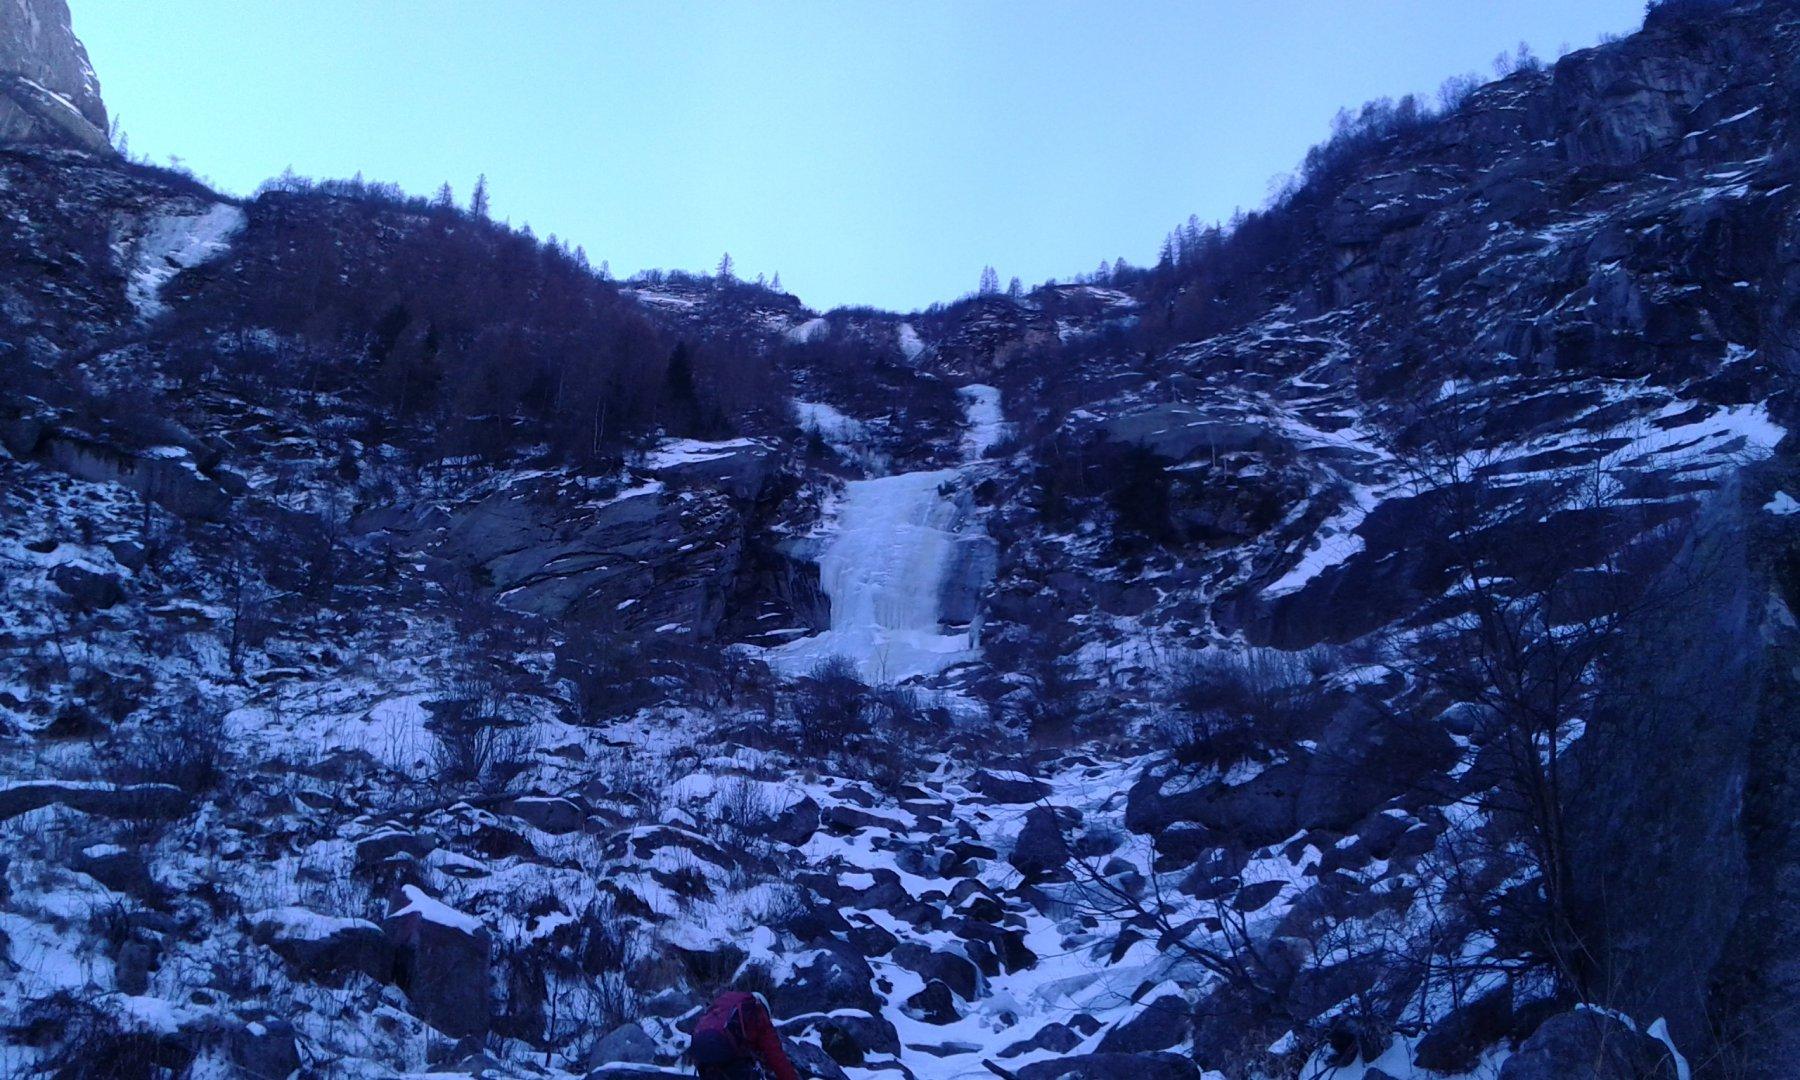 La cascata dal sentiero.